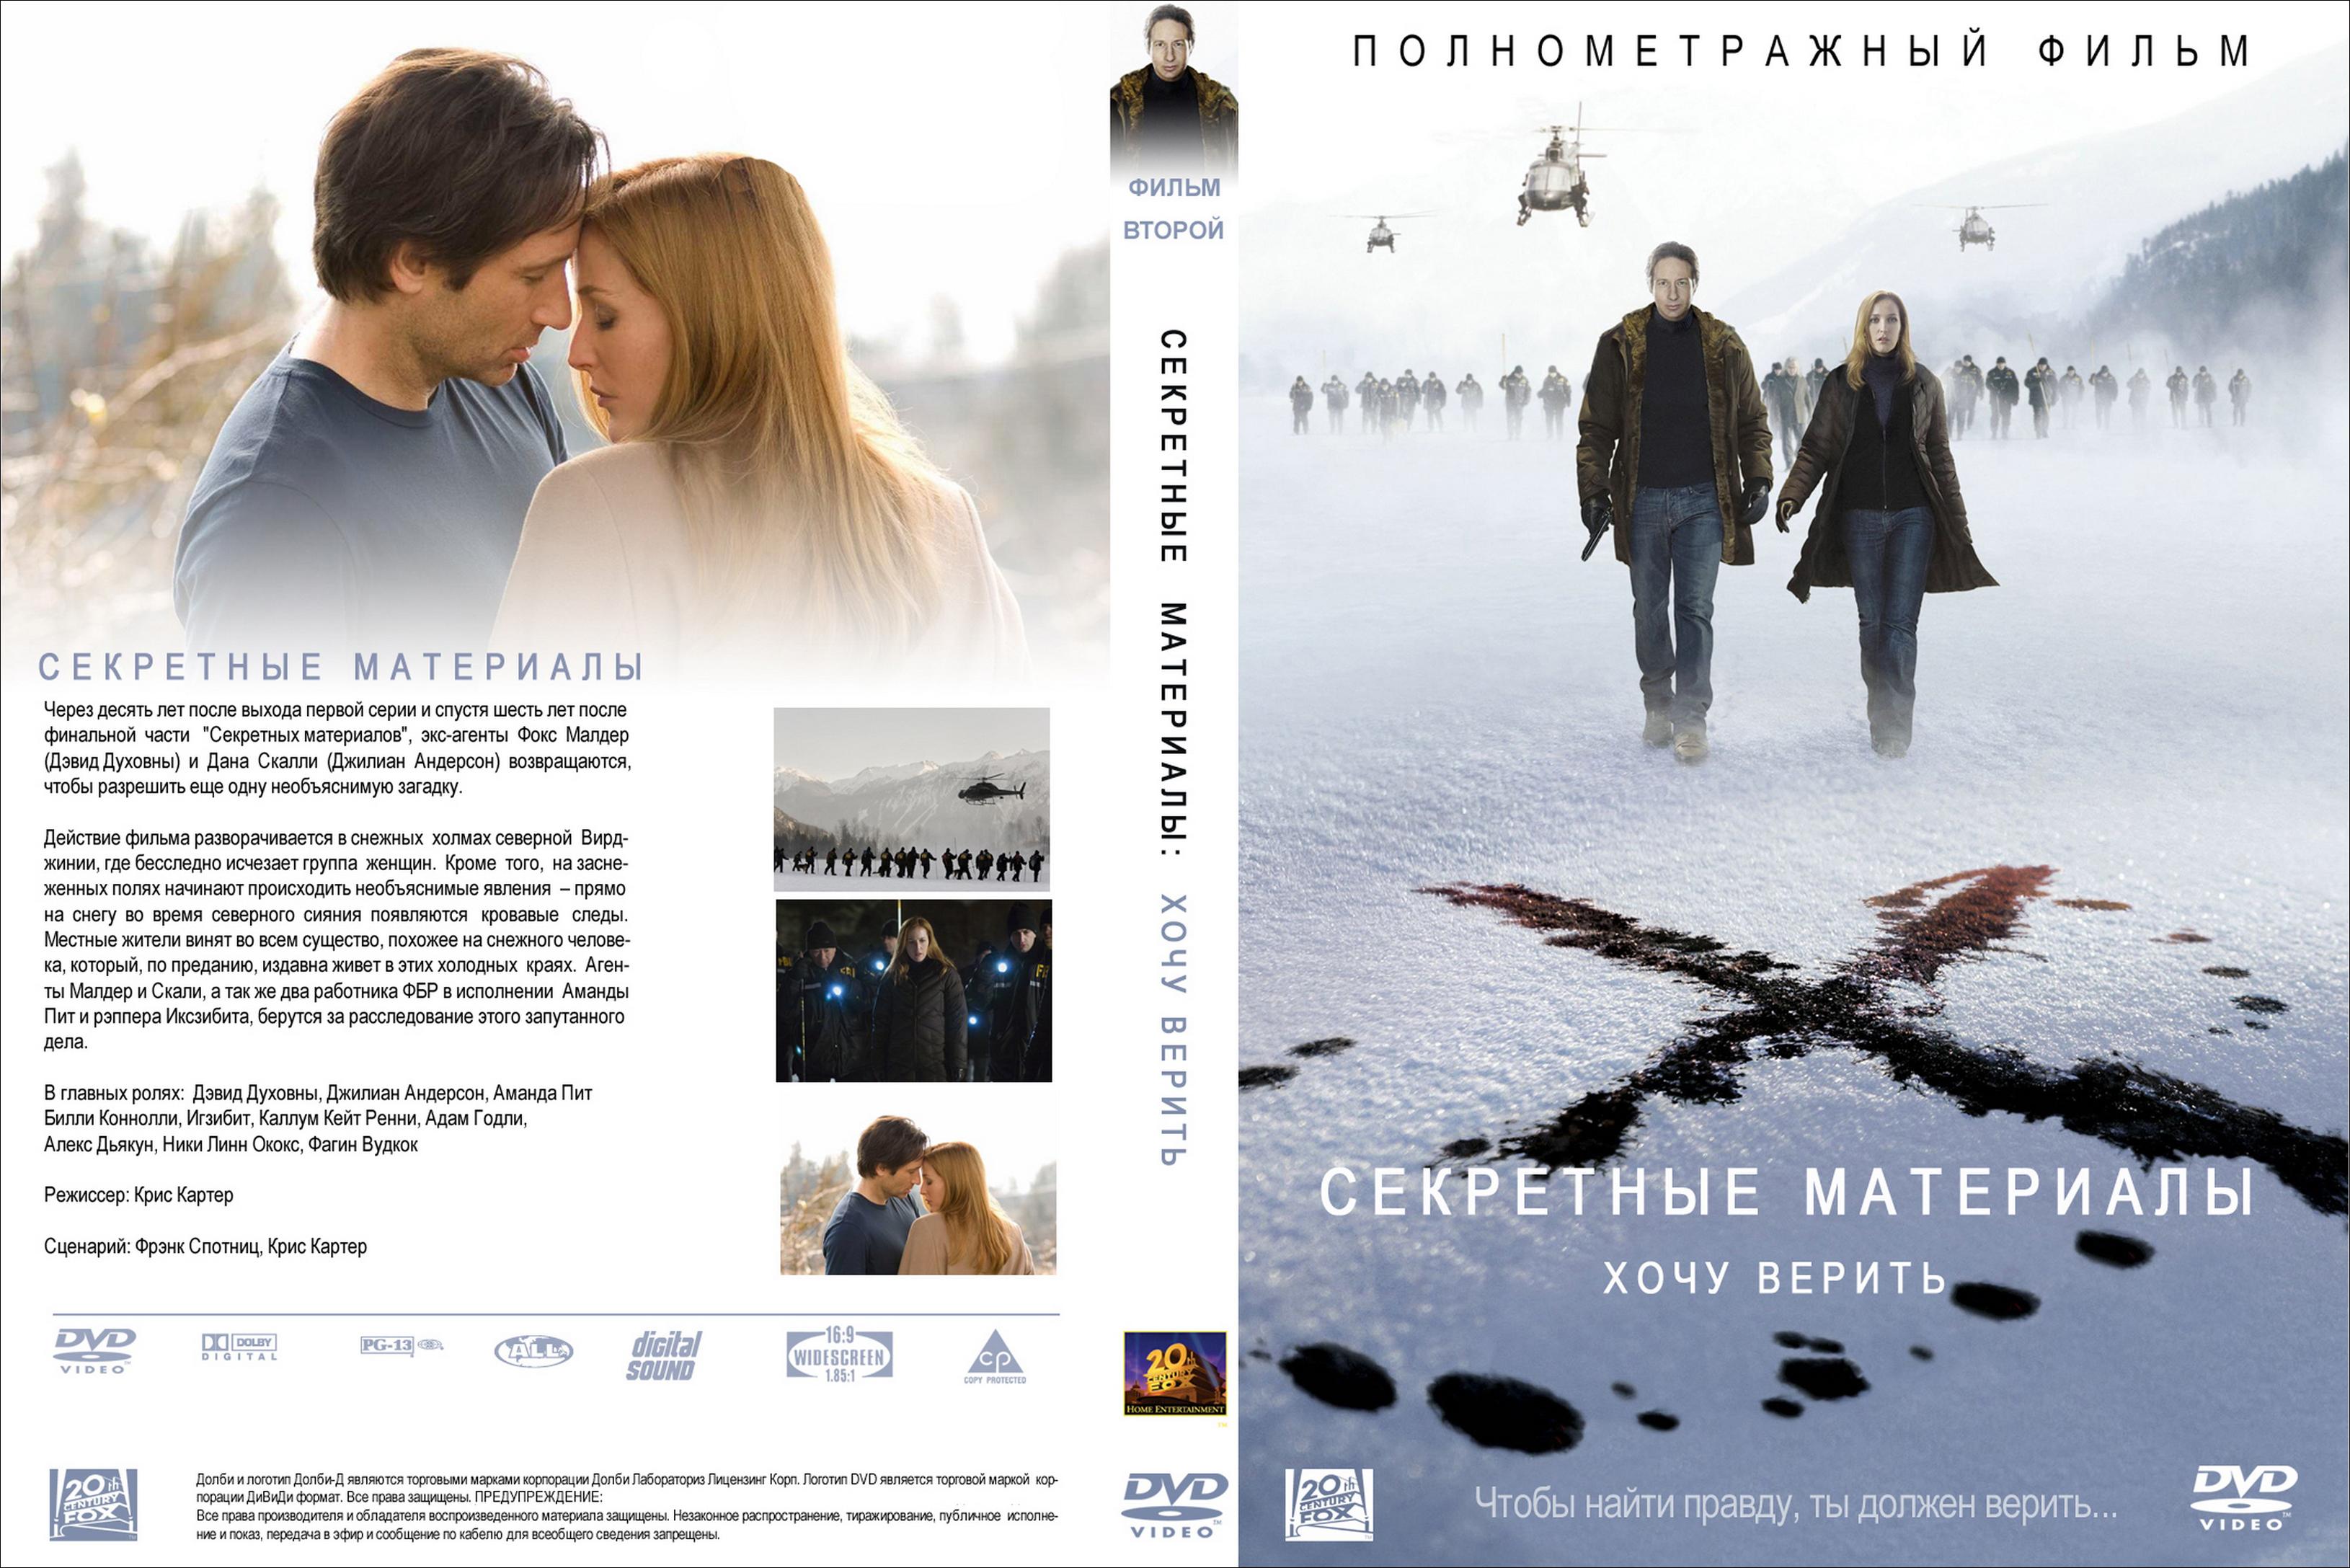 Скачивание изображения: кино, the x-files, фильм 8031 / разрешение: original / раздел: фильмы / гудфонрф (goodfon)